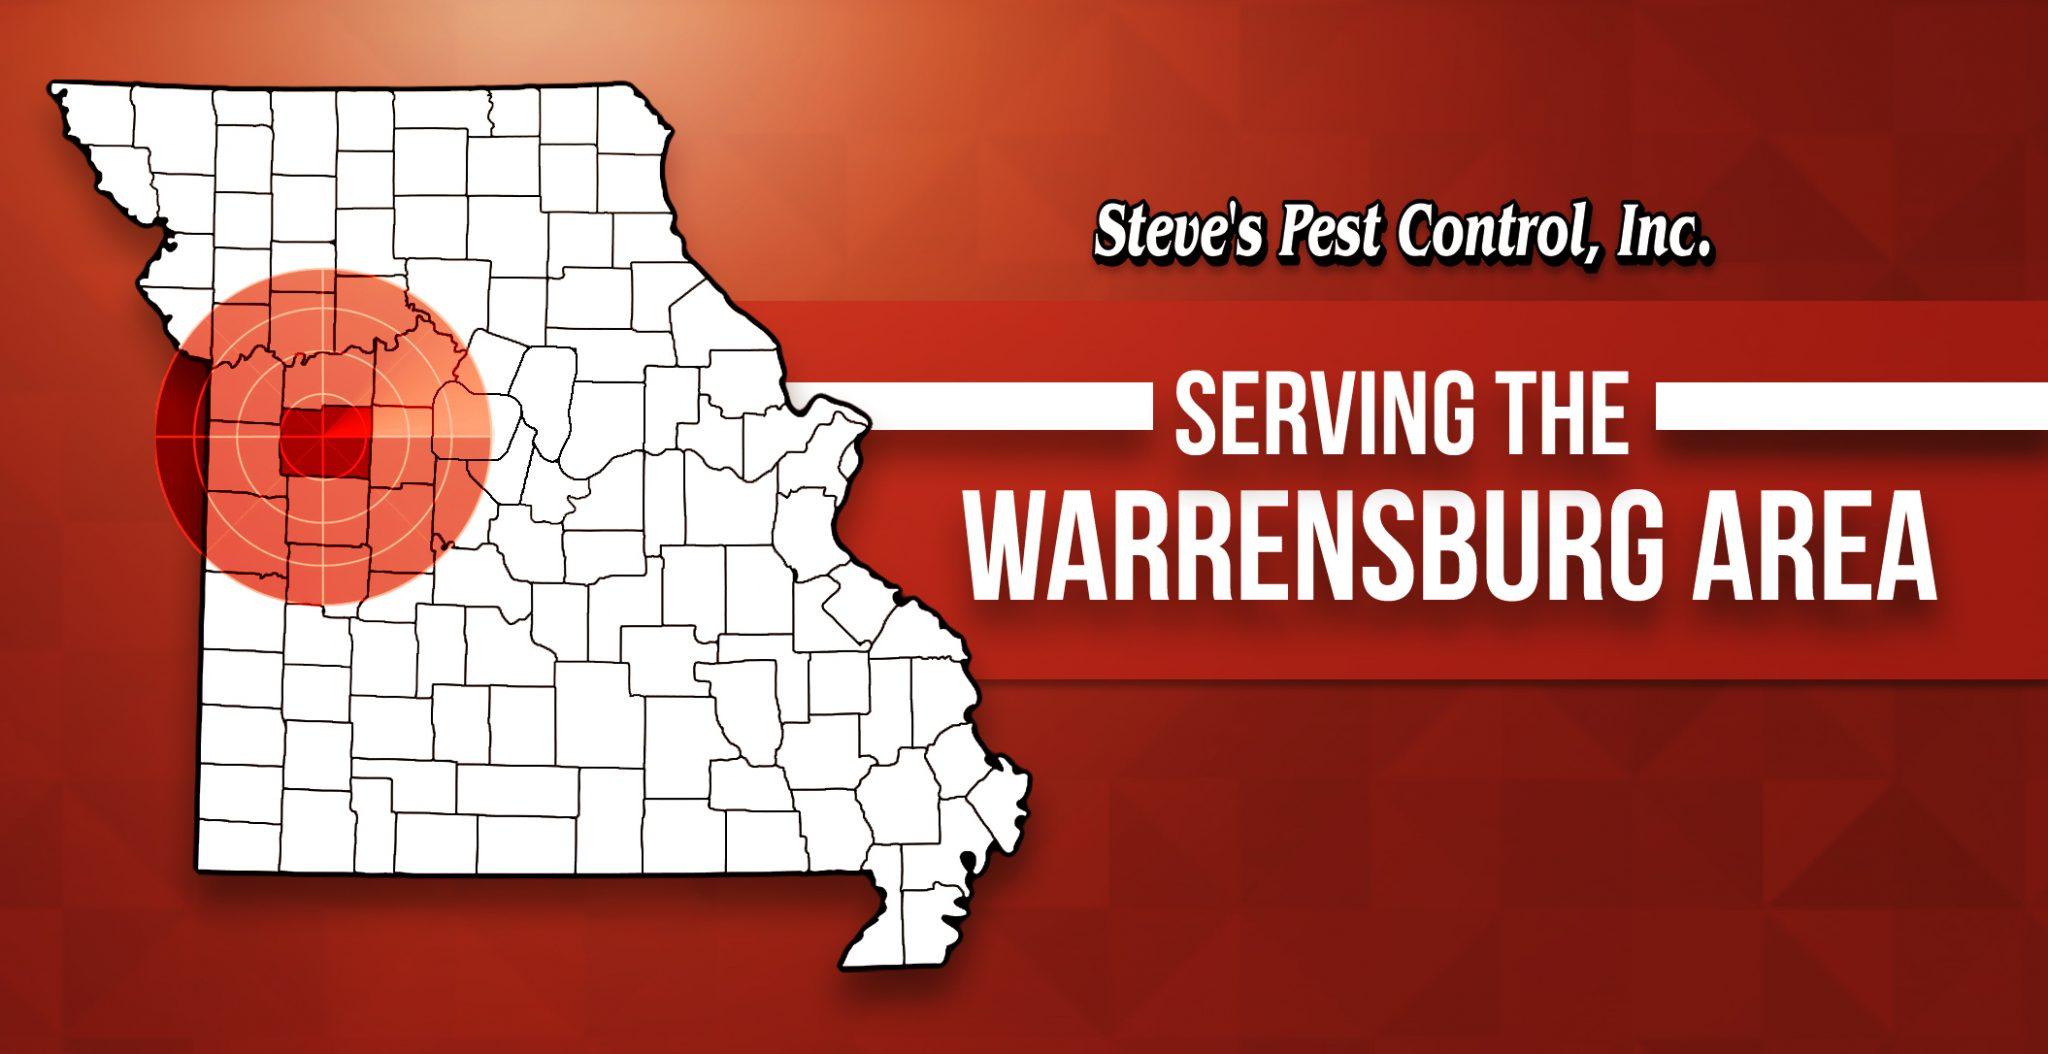 SPC Warrensburg